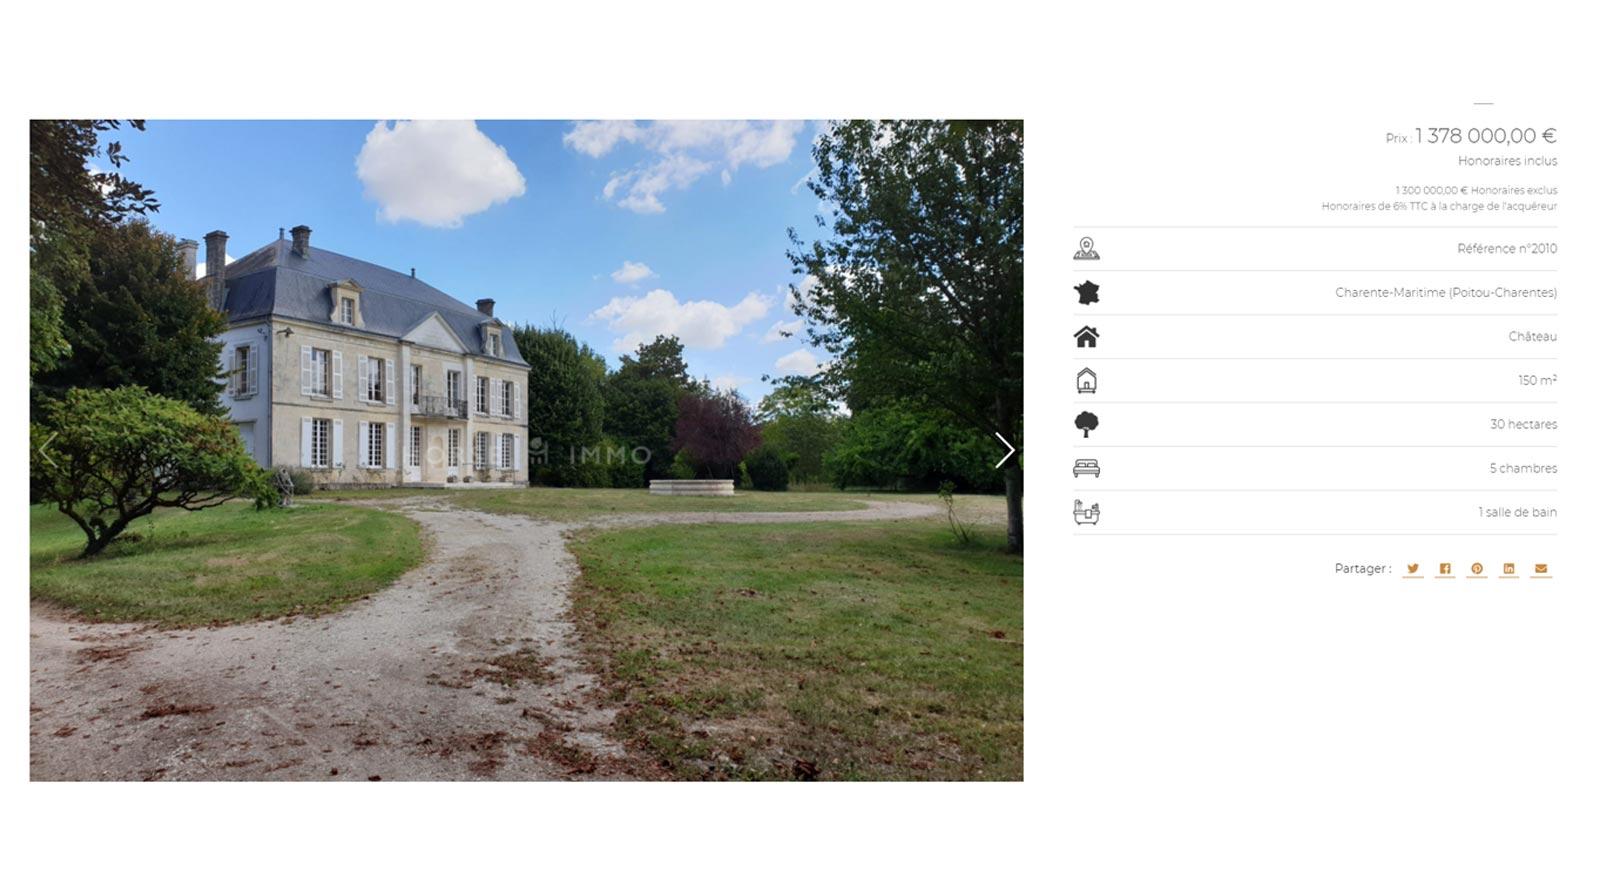 privileges immobilier web bien - Privilèges Immobilier